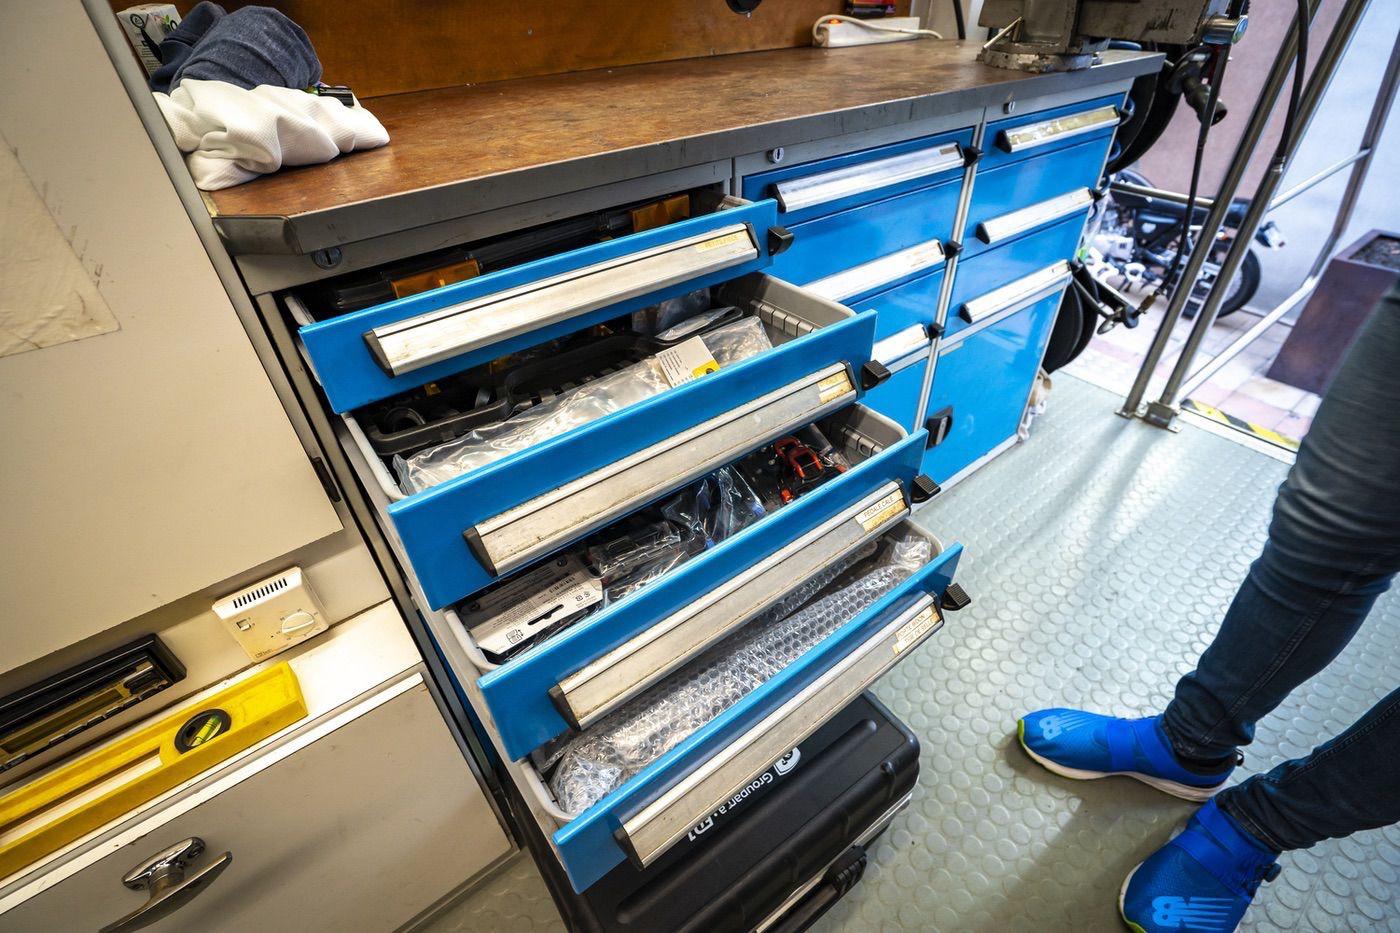 Cajones de herramientas y recambios en el camión taller de Groupama FDJ